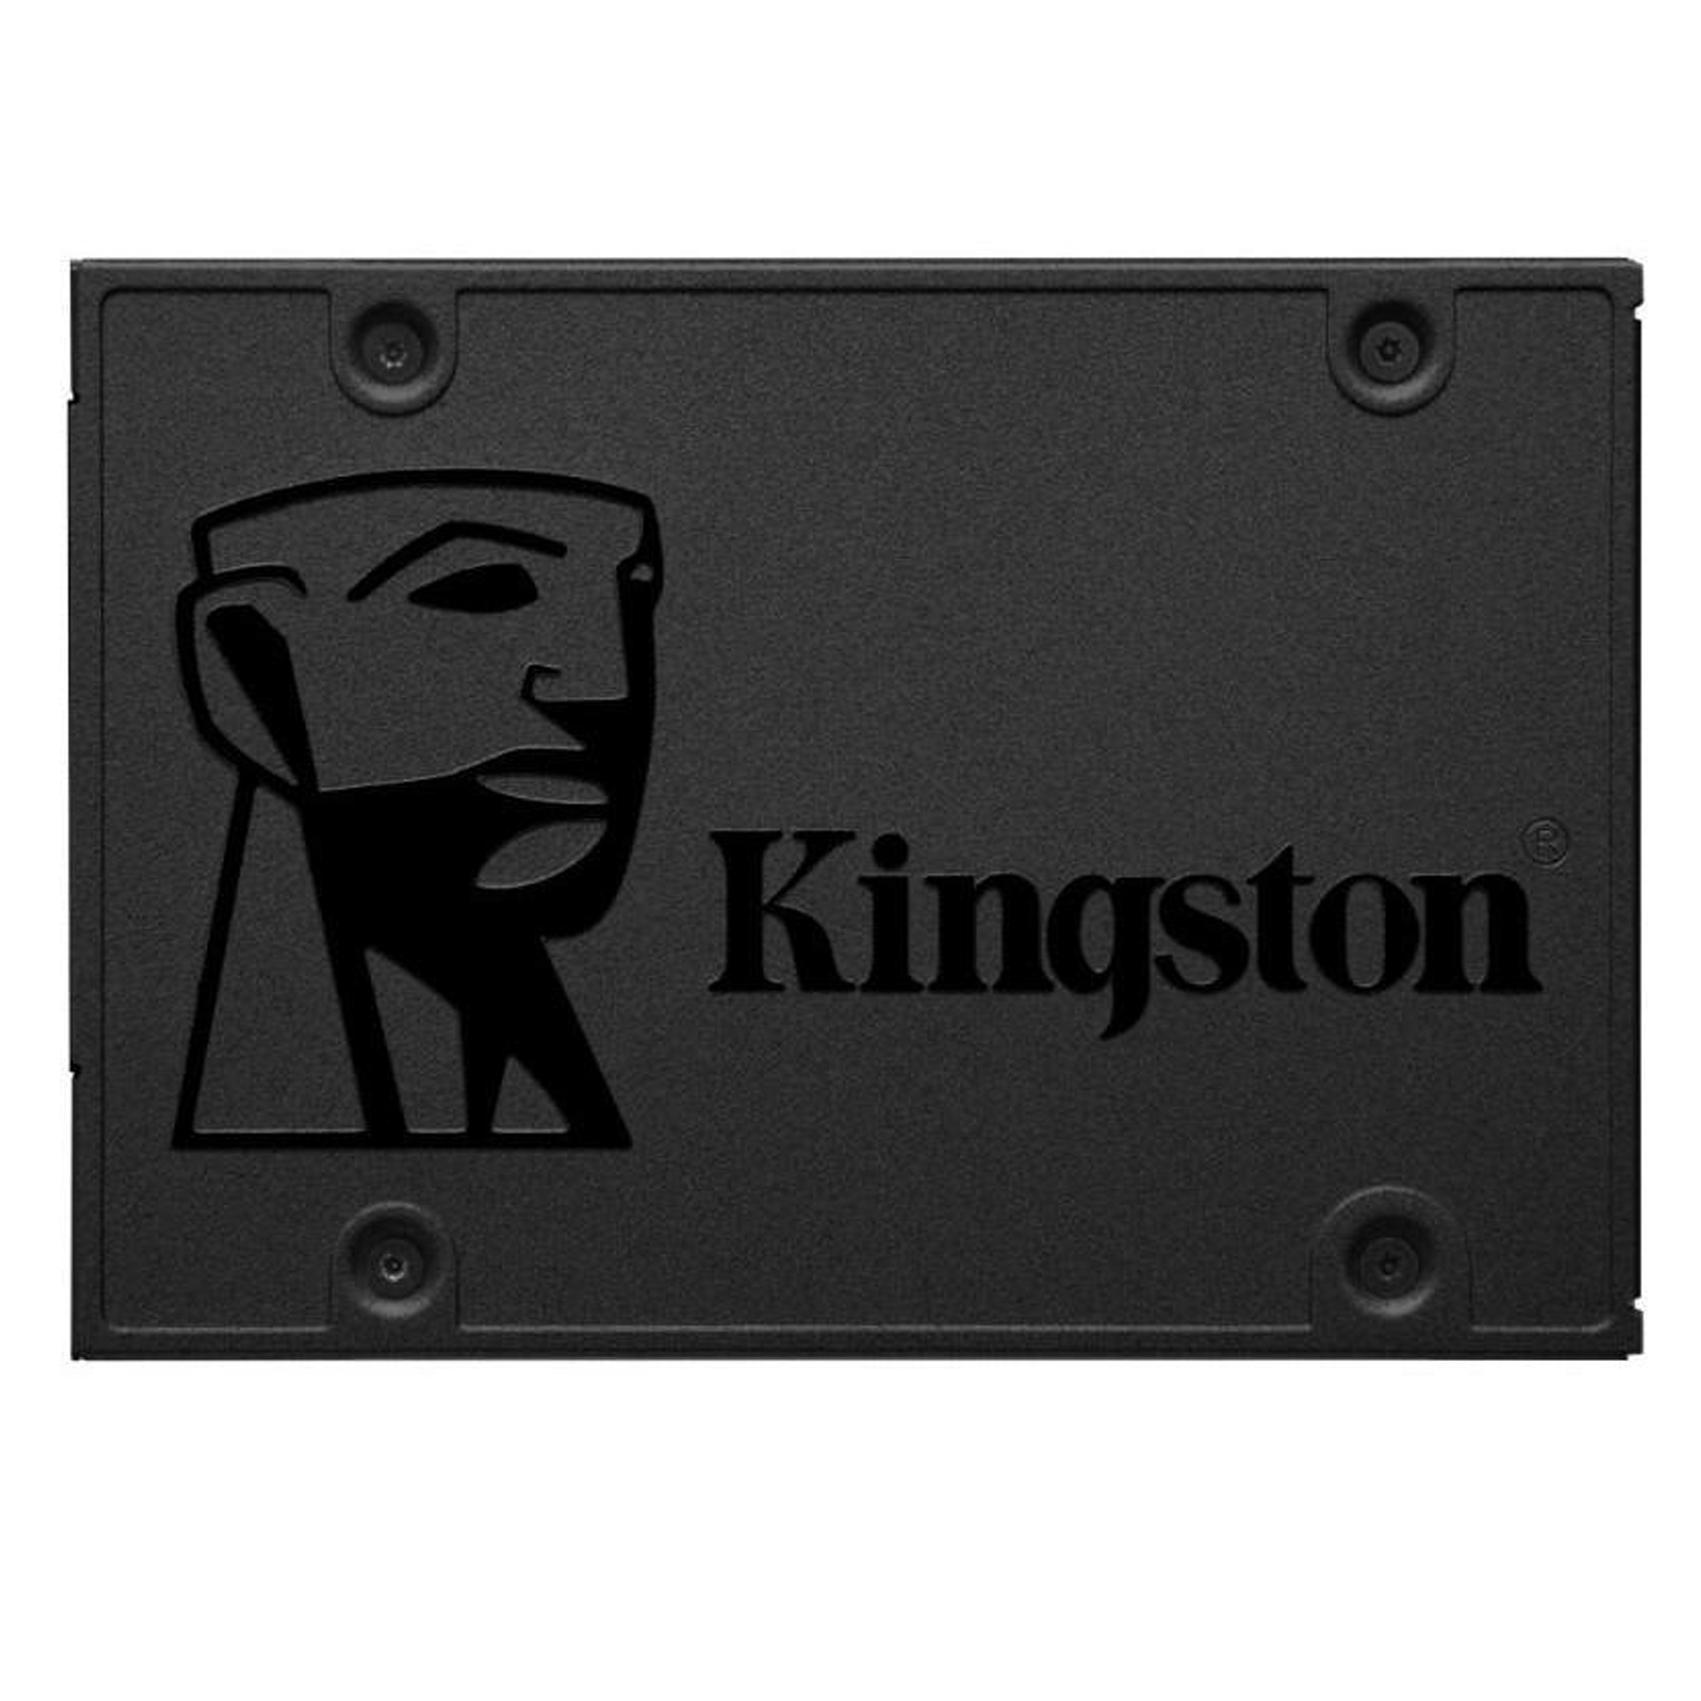 اس اس دی اینترنال کینگستون مدل SA400S37 / 960G ظرفیت 960 گیگابایت